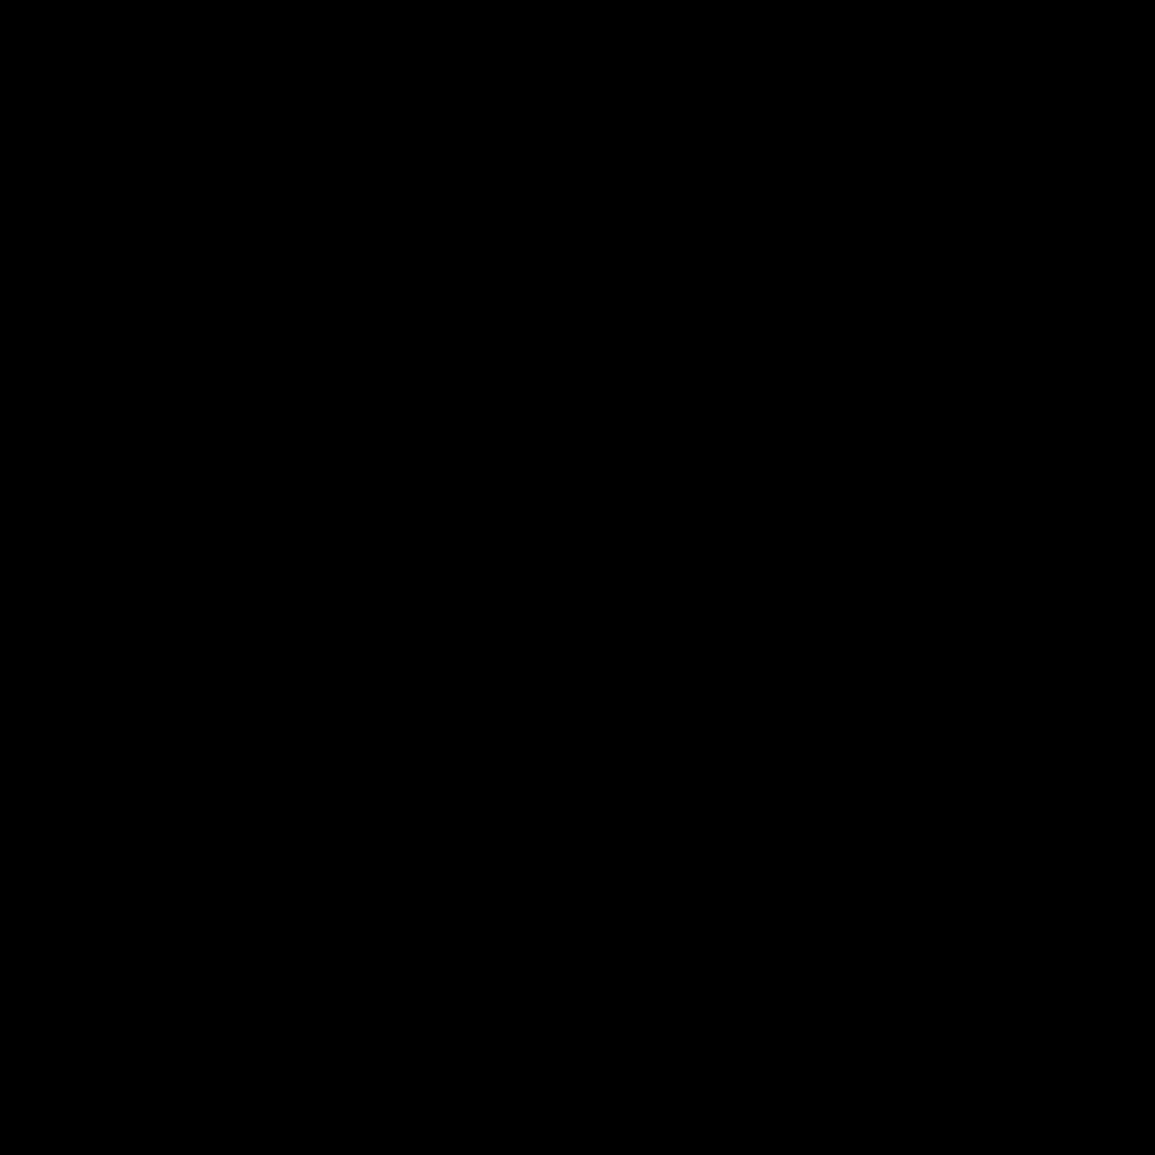 ナール L 幼児用かな KLNARE 字形見本